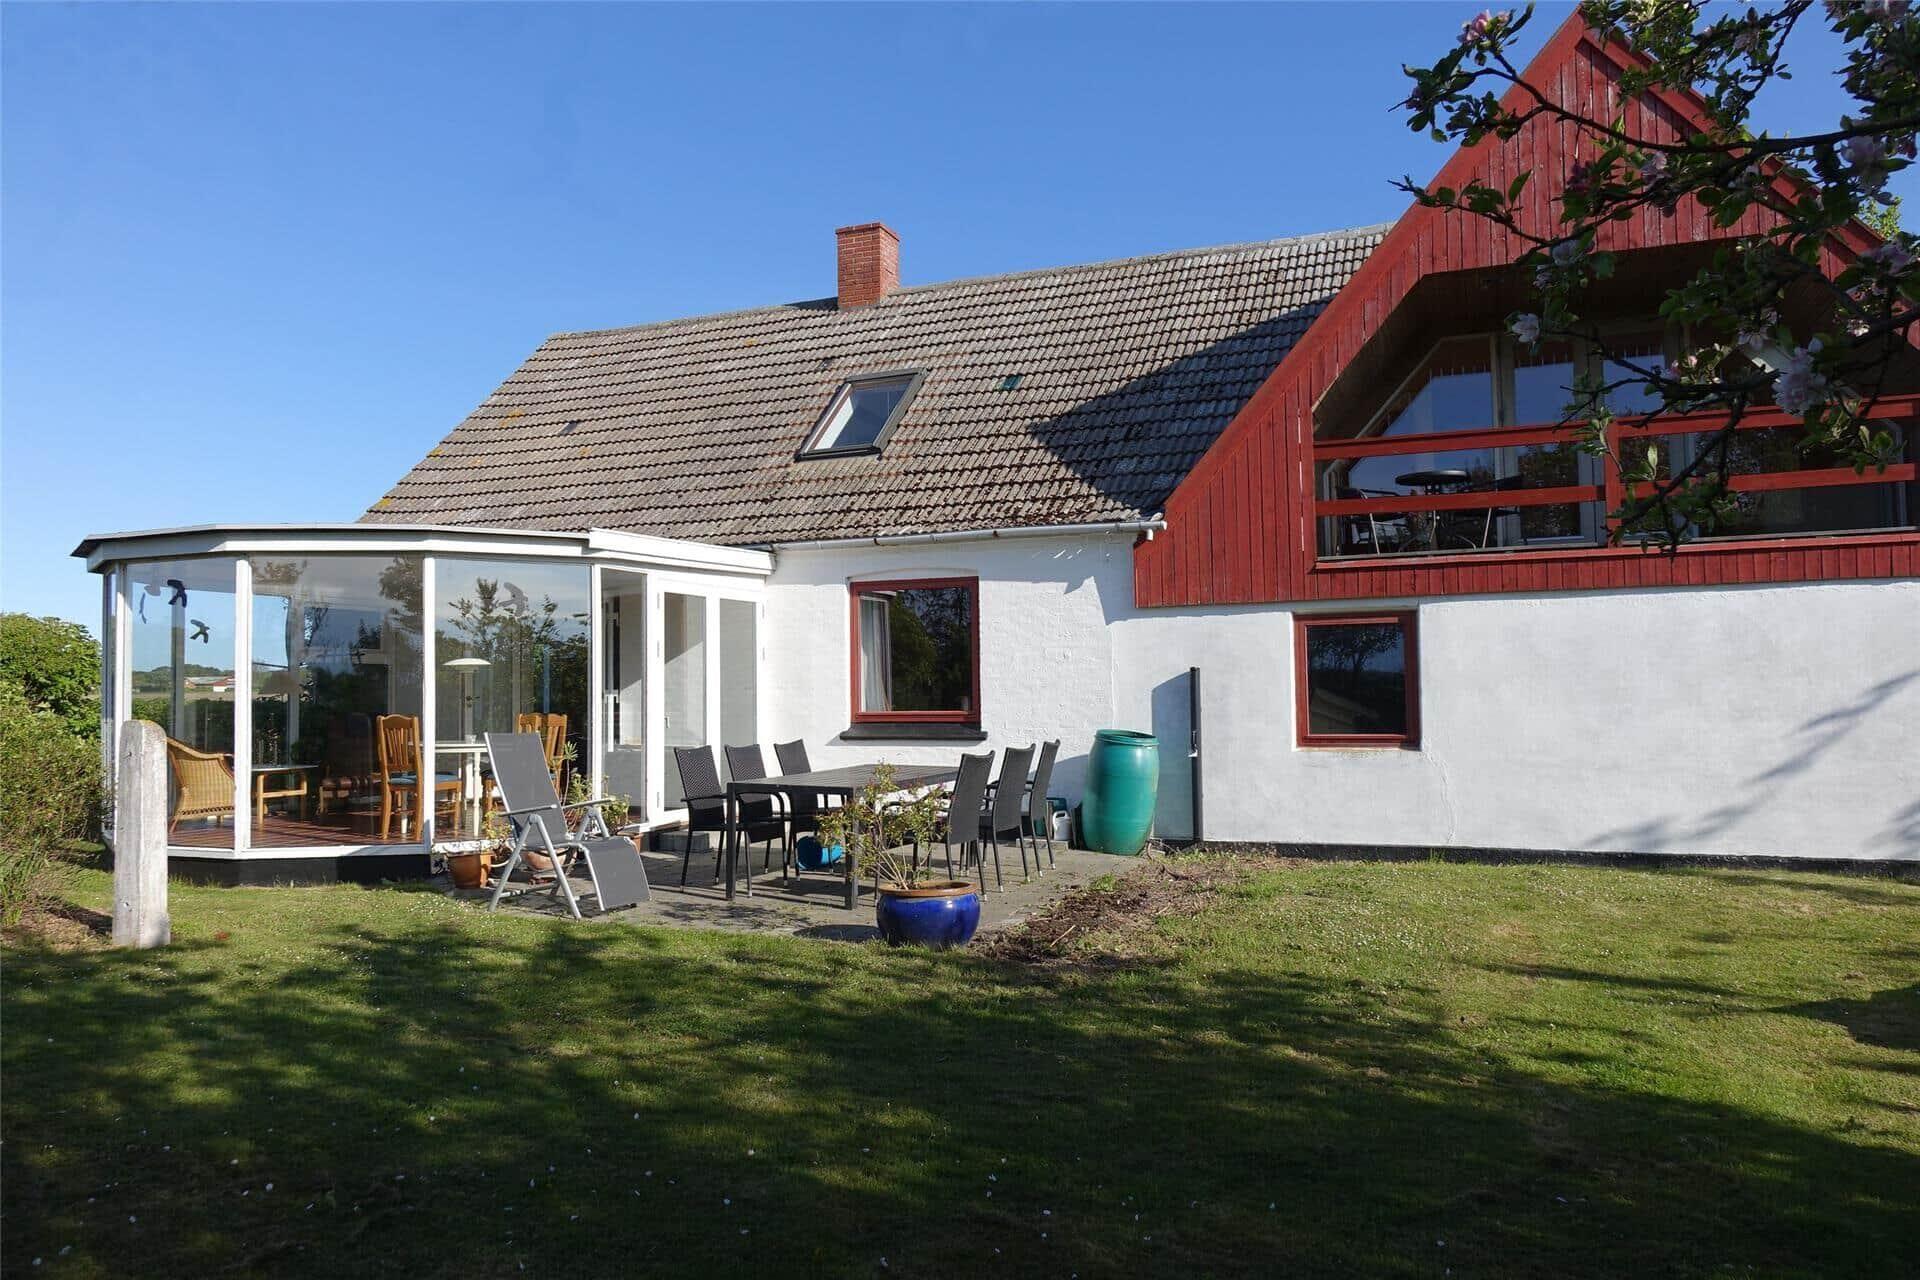 Billede 1-170 Sommerhus 20604, Østermarken 26, DK - 8305 Samsø